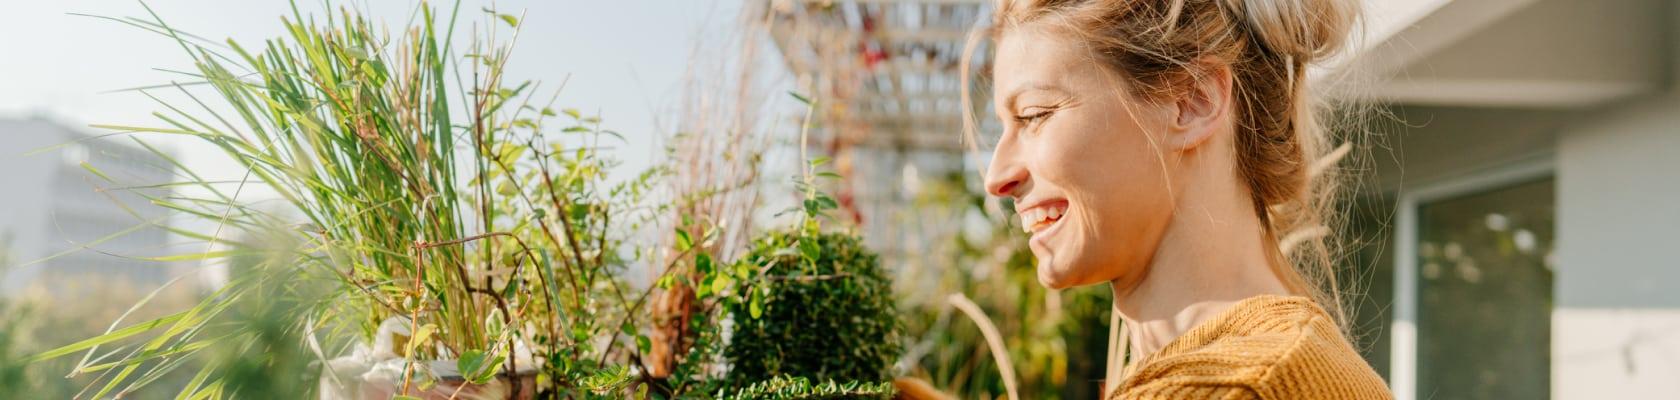 Frau kümmert sich gut gelaunt um die Pflanzen auf ihrem Balkon.